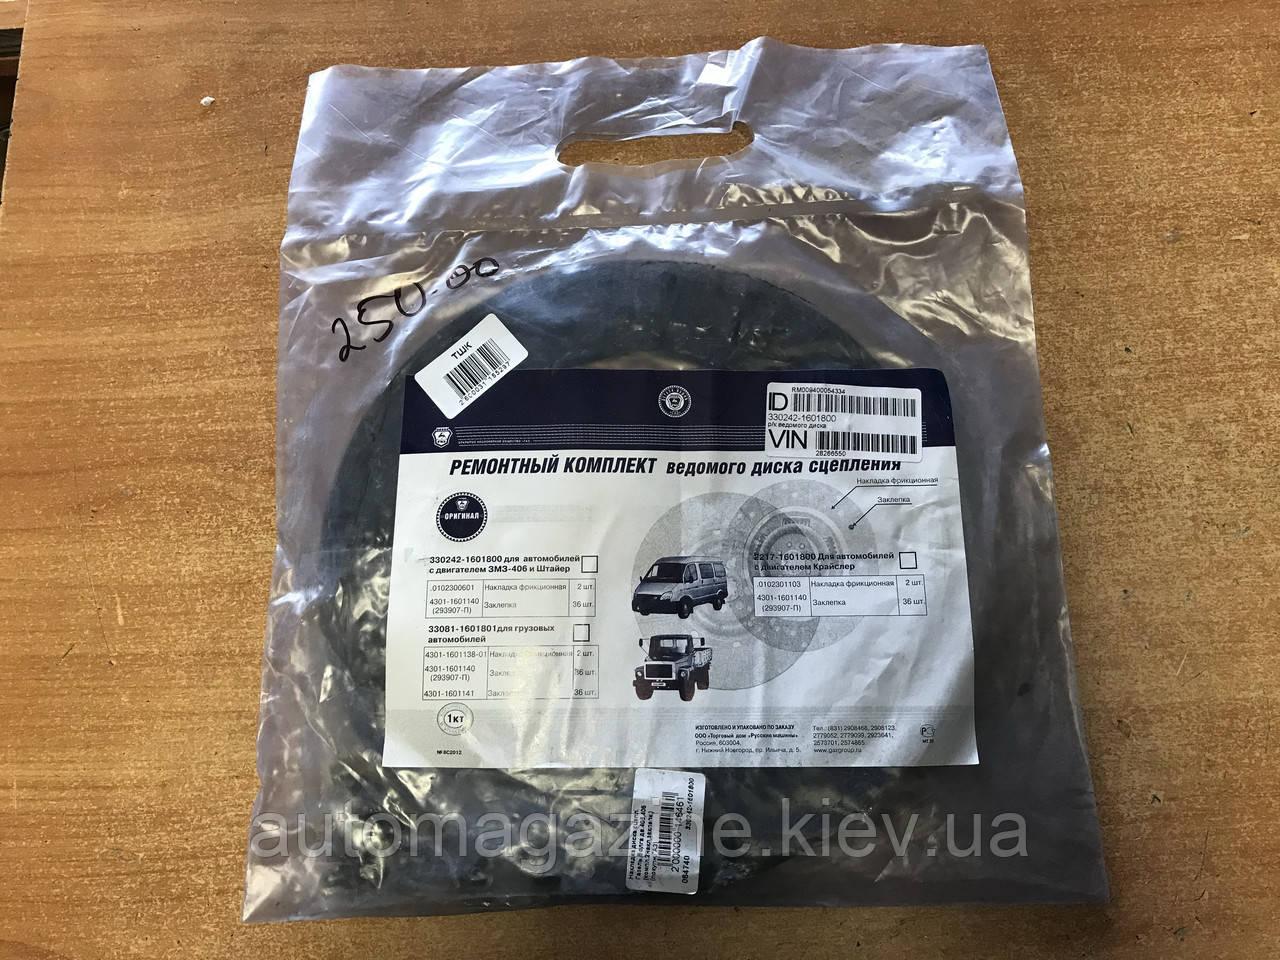 Ремонтный комплект ведомого диска сцепления Газель, Волга 406, 405